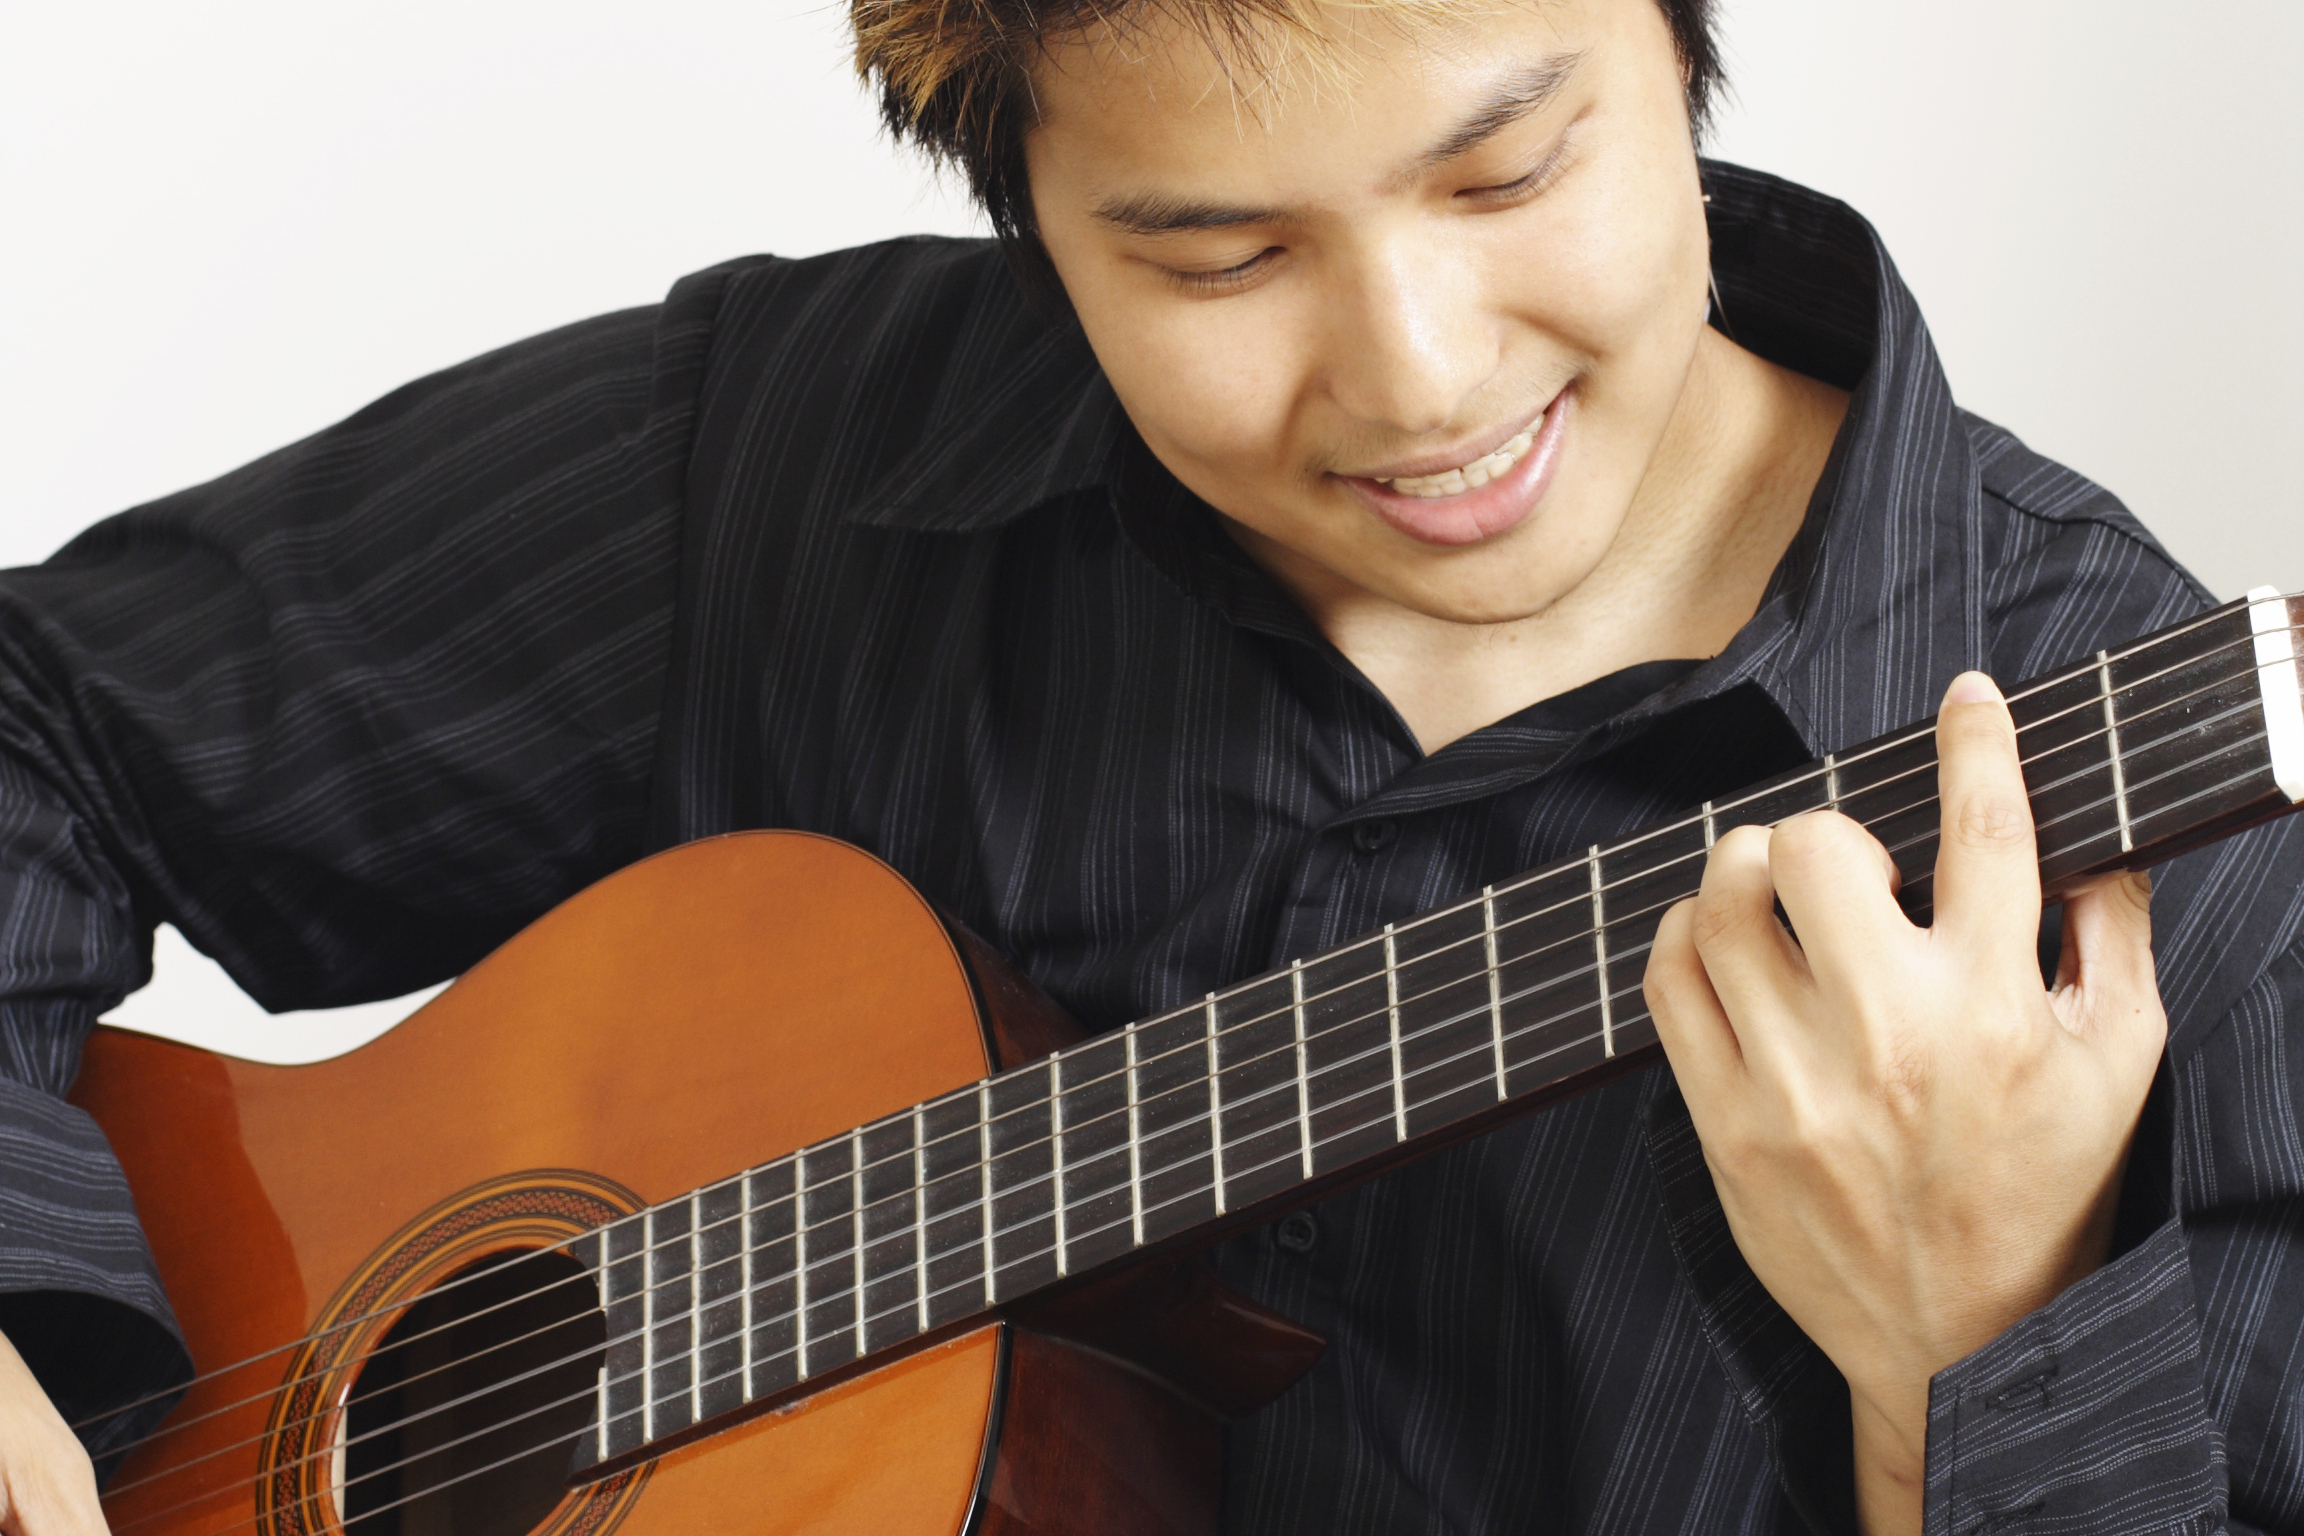 Gitarre_3x2.jpg